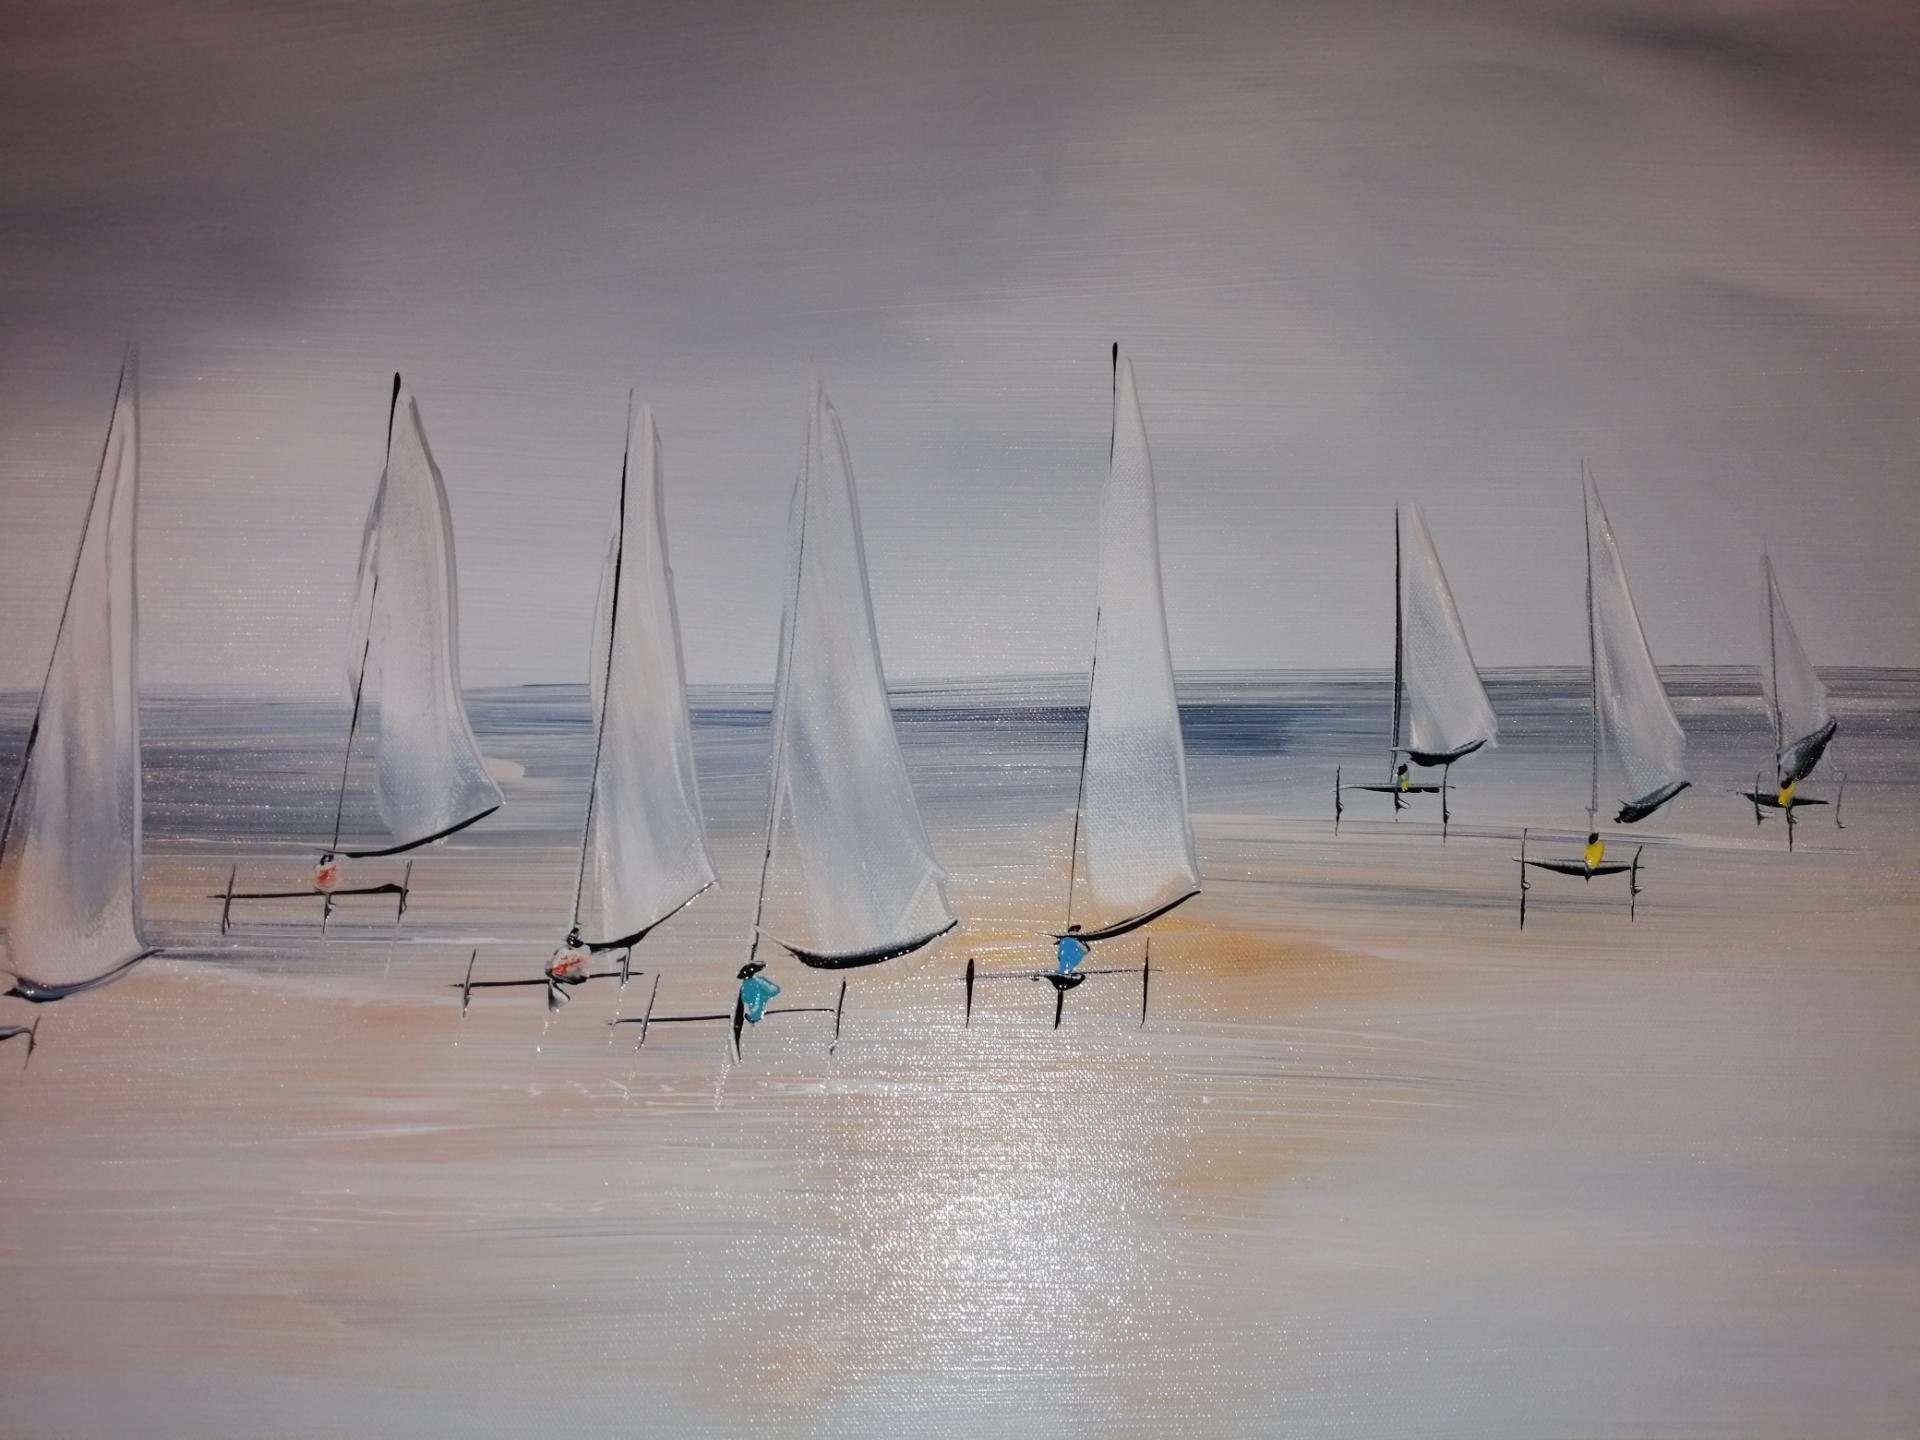 Les chars à voile sur la plage du Touquet